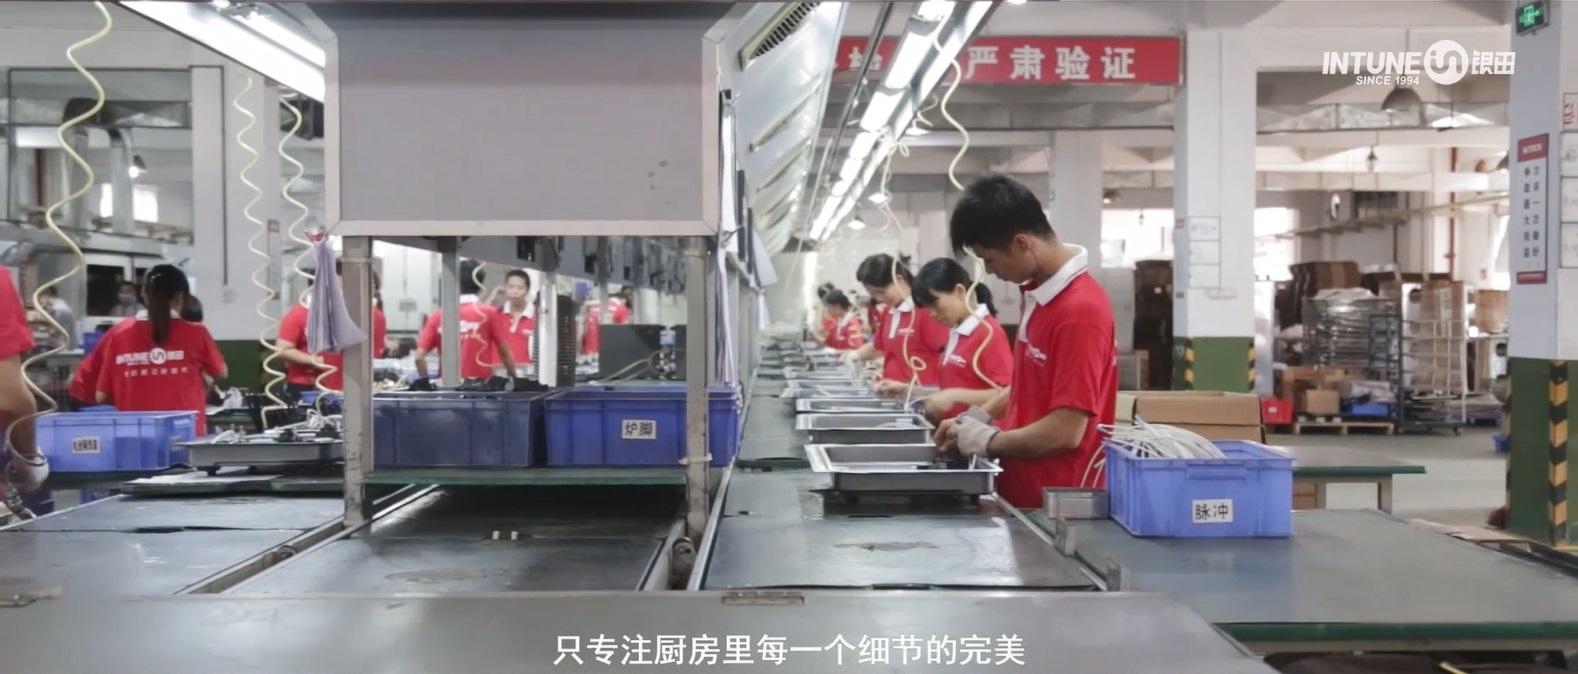 广东银田电器有限公司_才通国际人才网_job001.cn